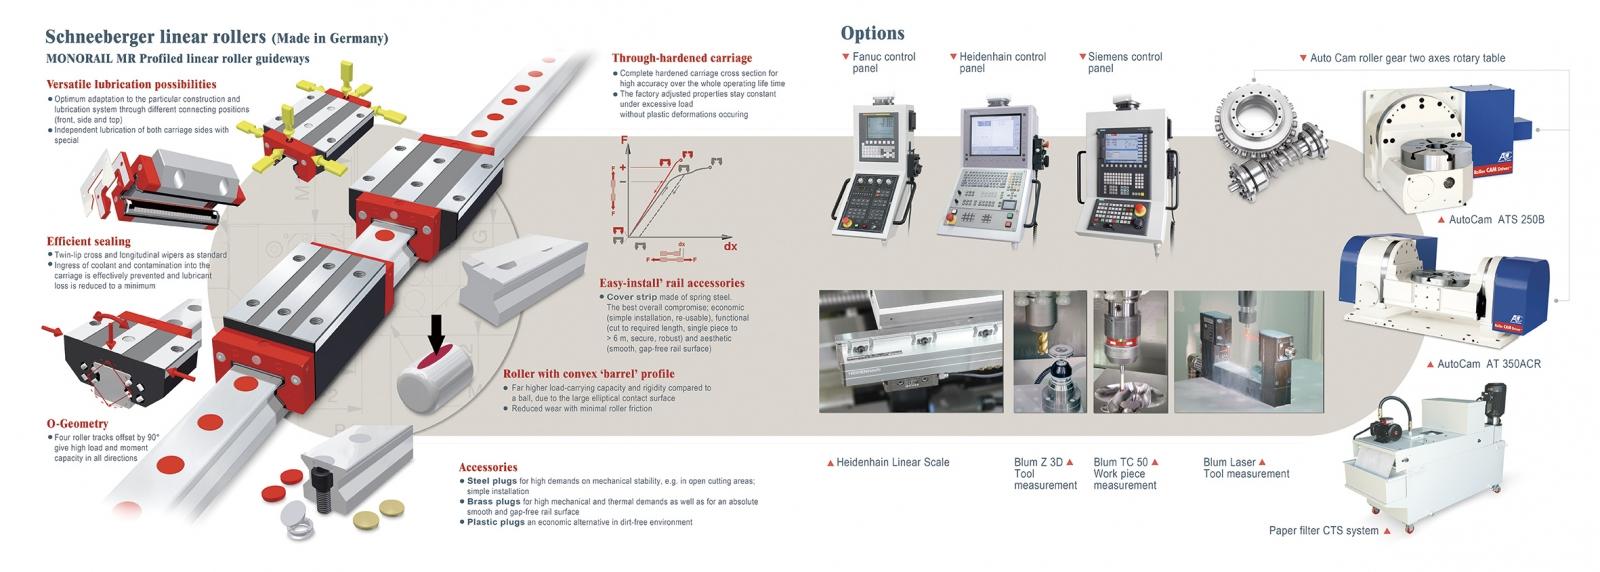 cnc vertical milling machine pdf